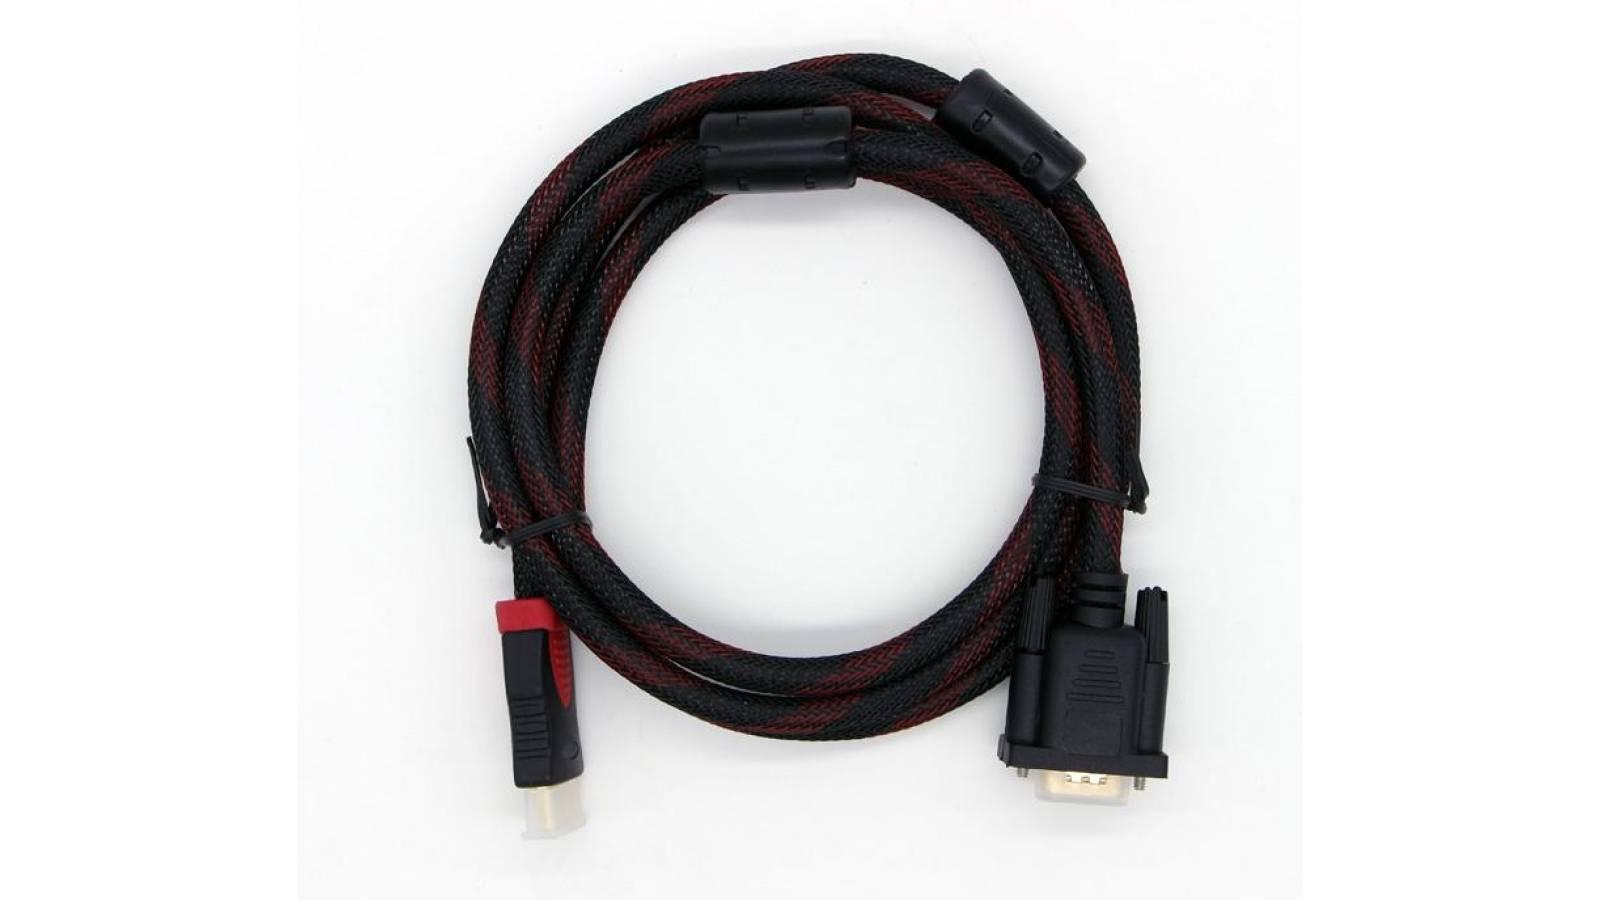 Cable hdmi a Vga 1.5 metros